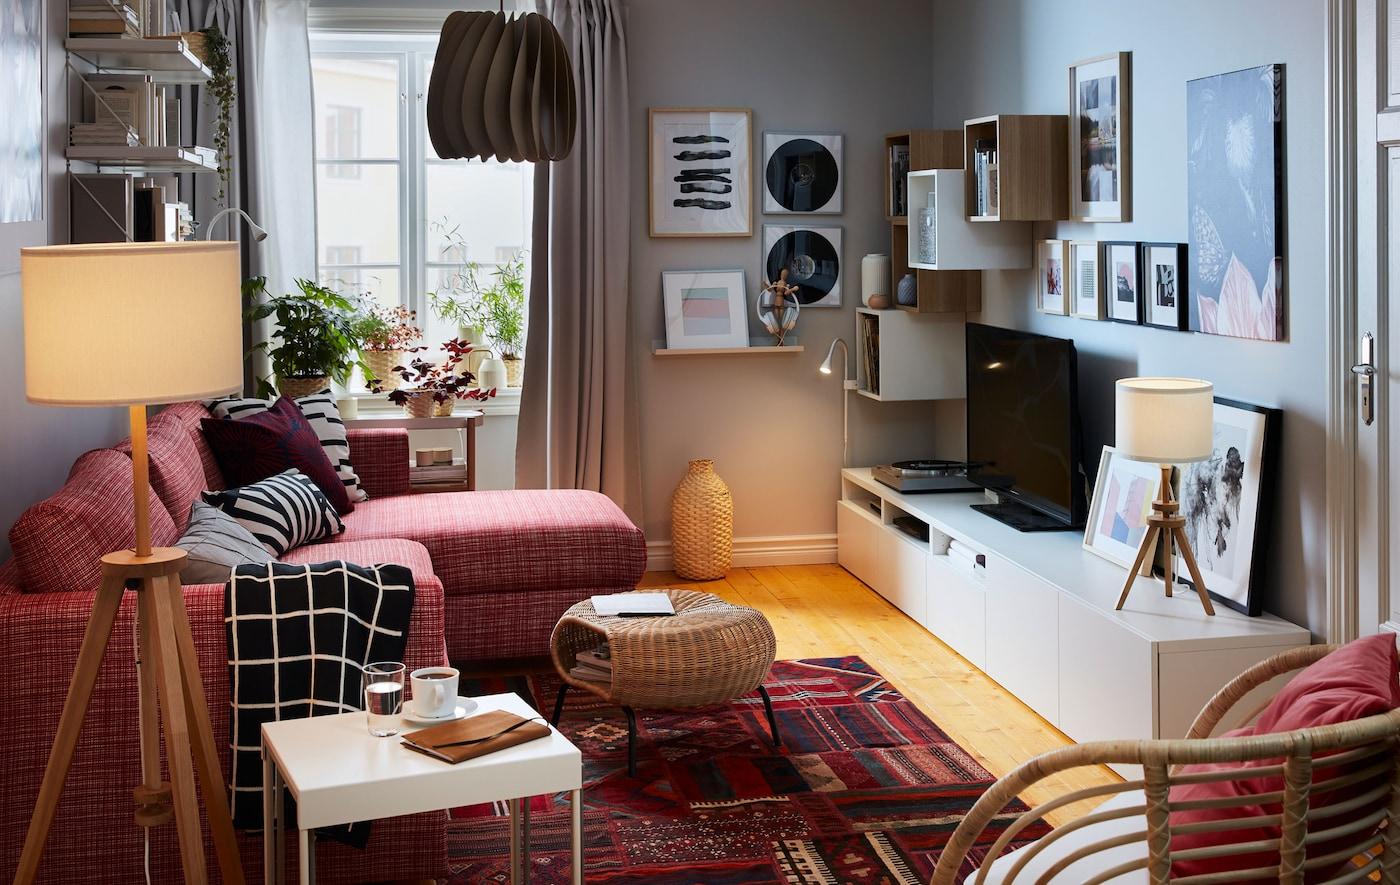 Sala compacta com um sofá-cama com chaise longue num lado e aparador, arrumação, TV, sistema de som e arte no outro.